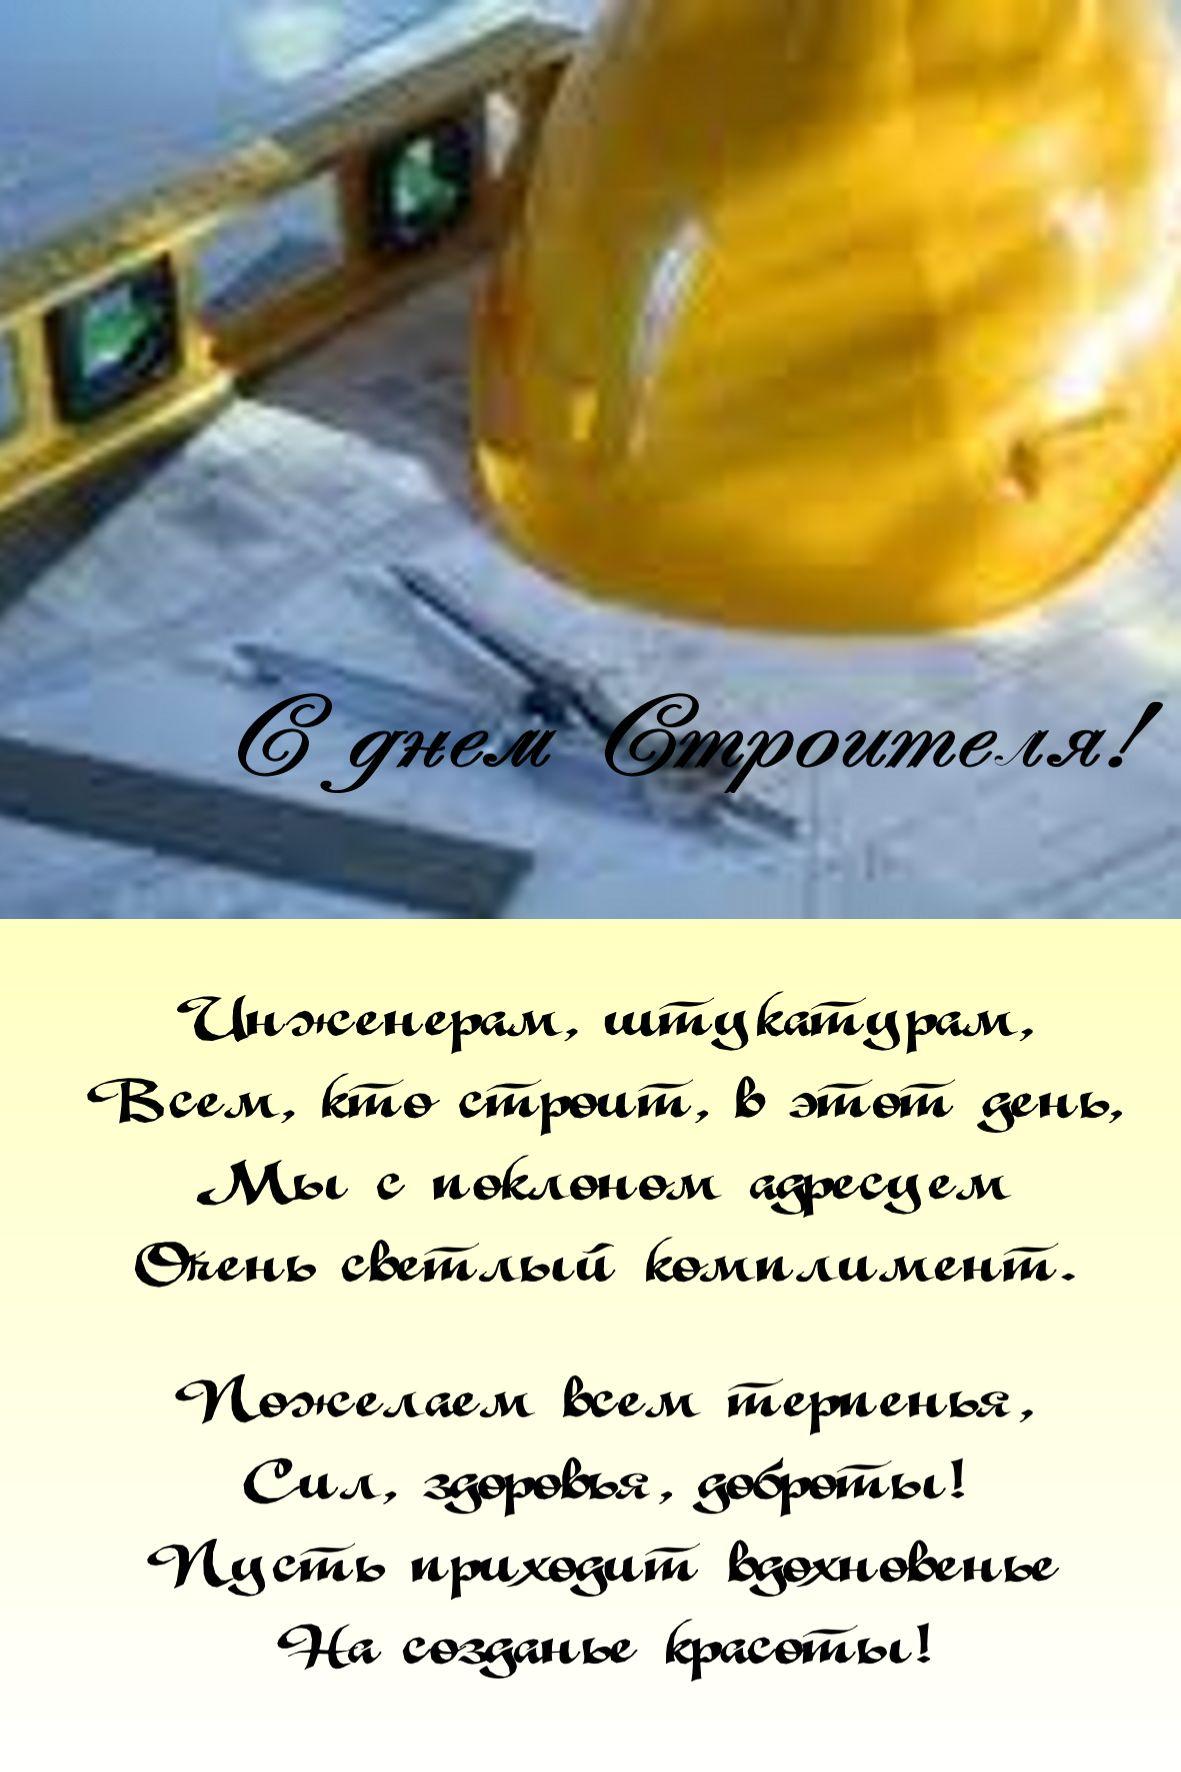 Поздравление партнера с днем строителя